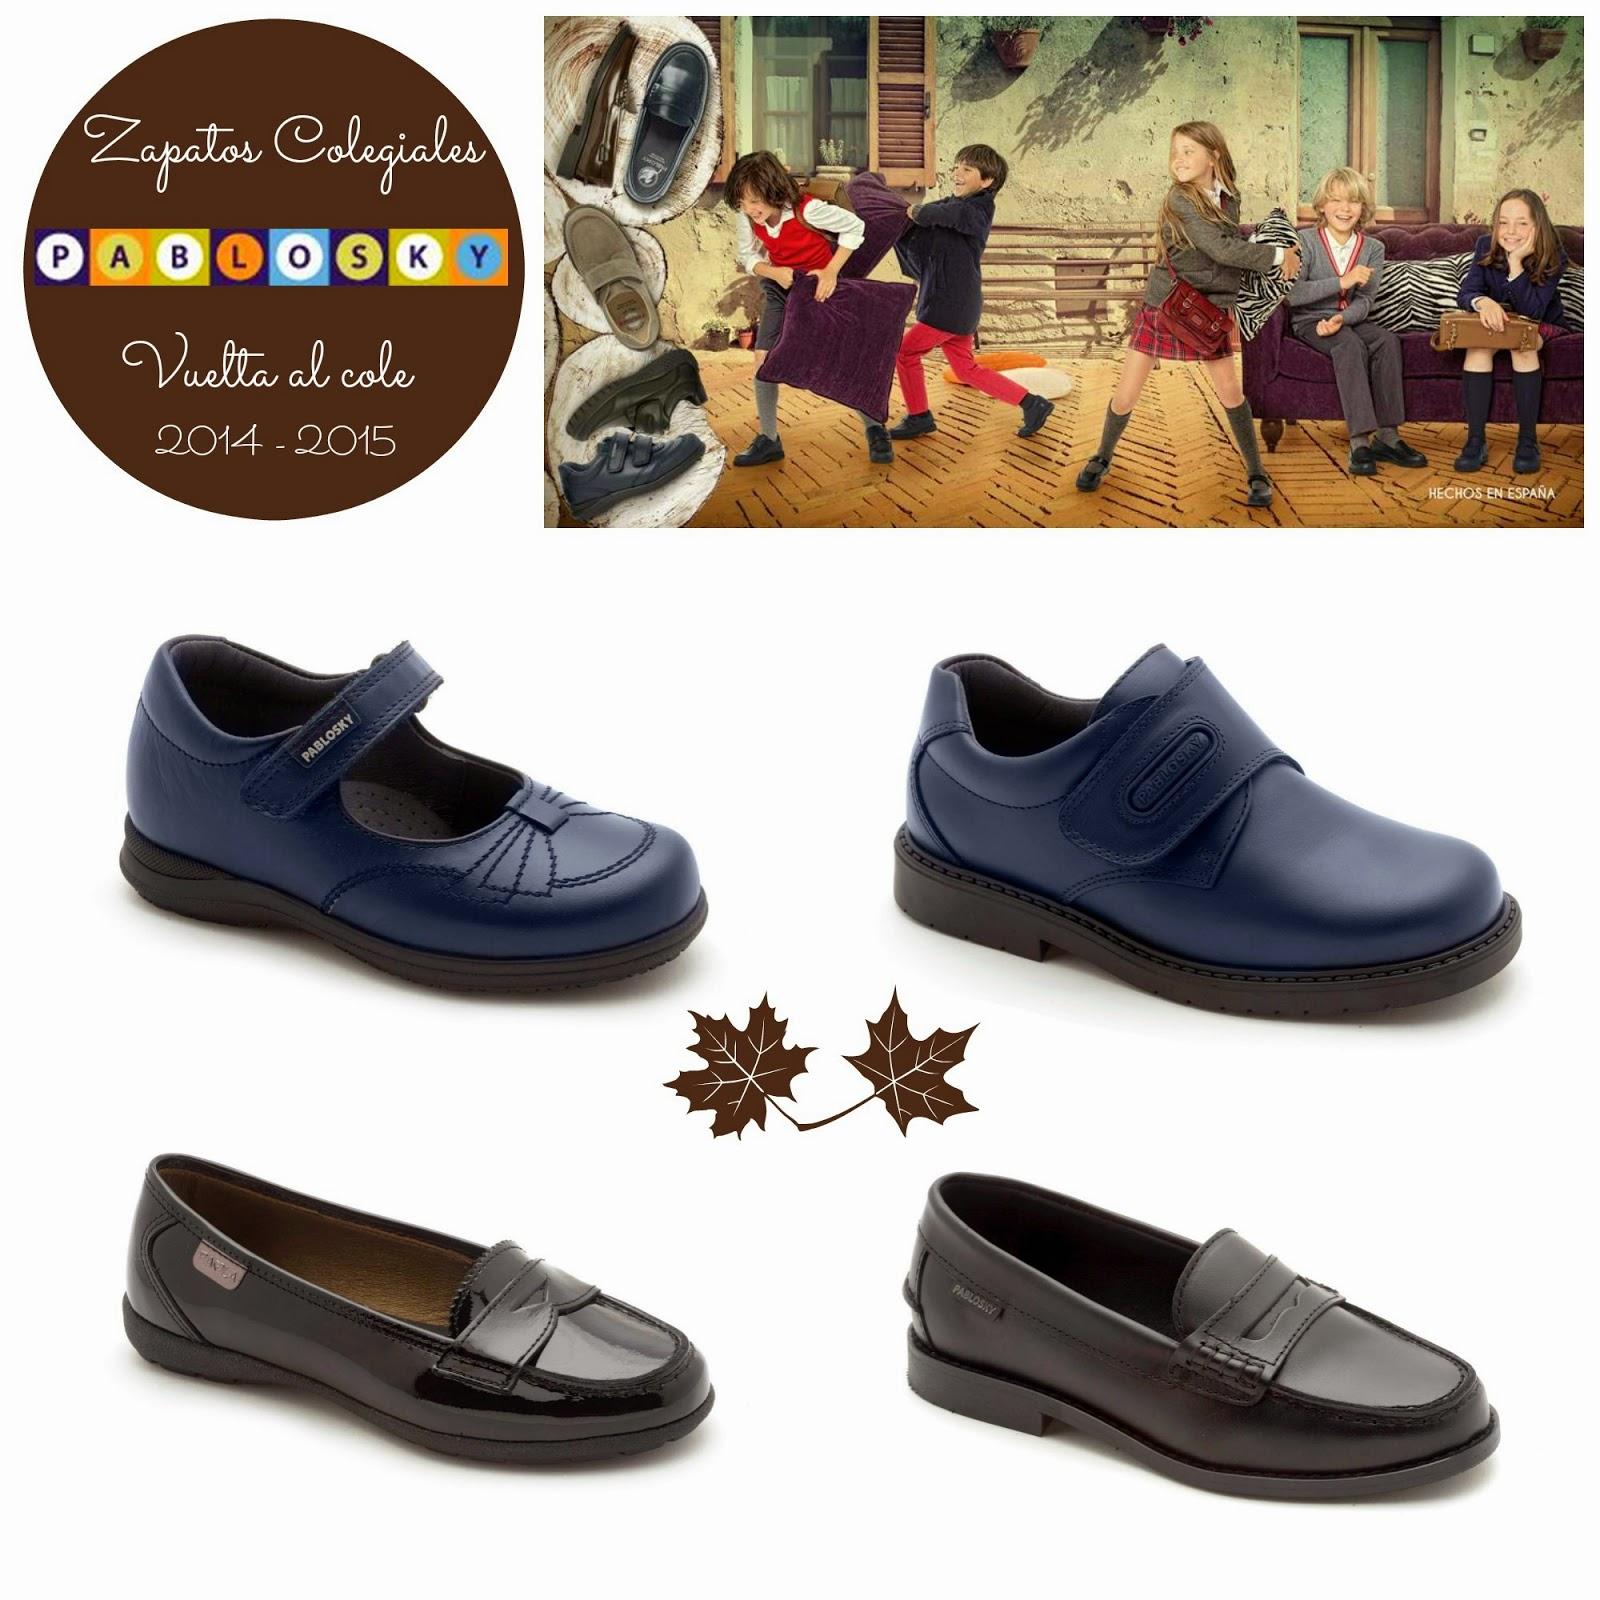 zapatos colegiales pablosky vuelta al cole blog niños mama de noa